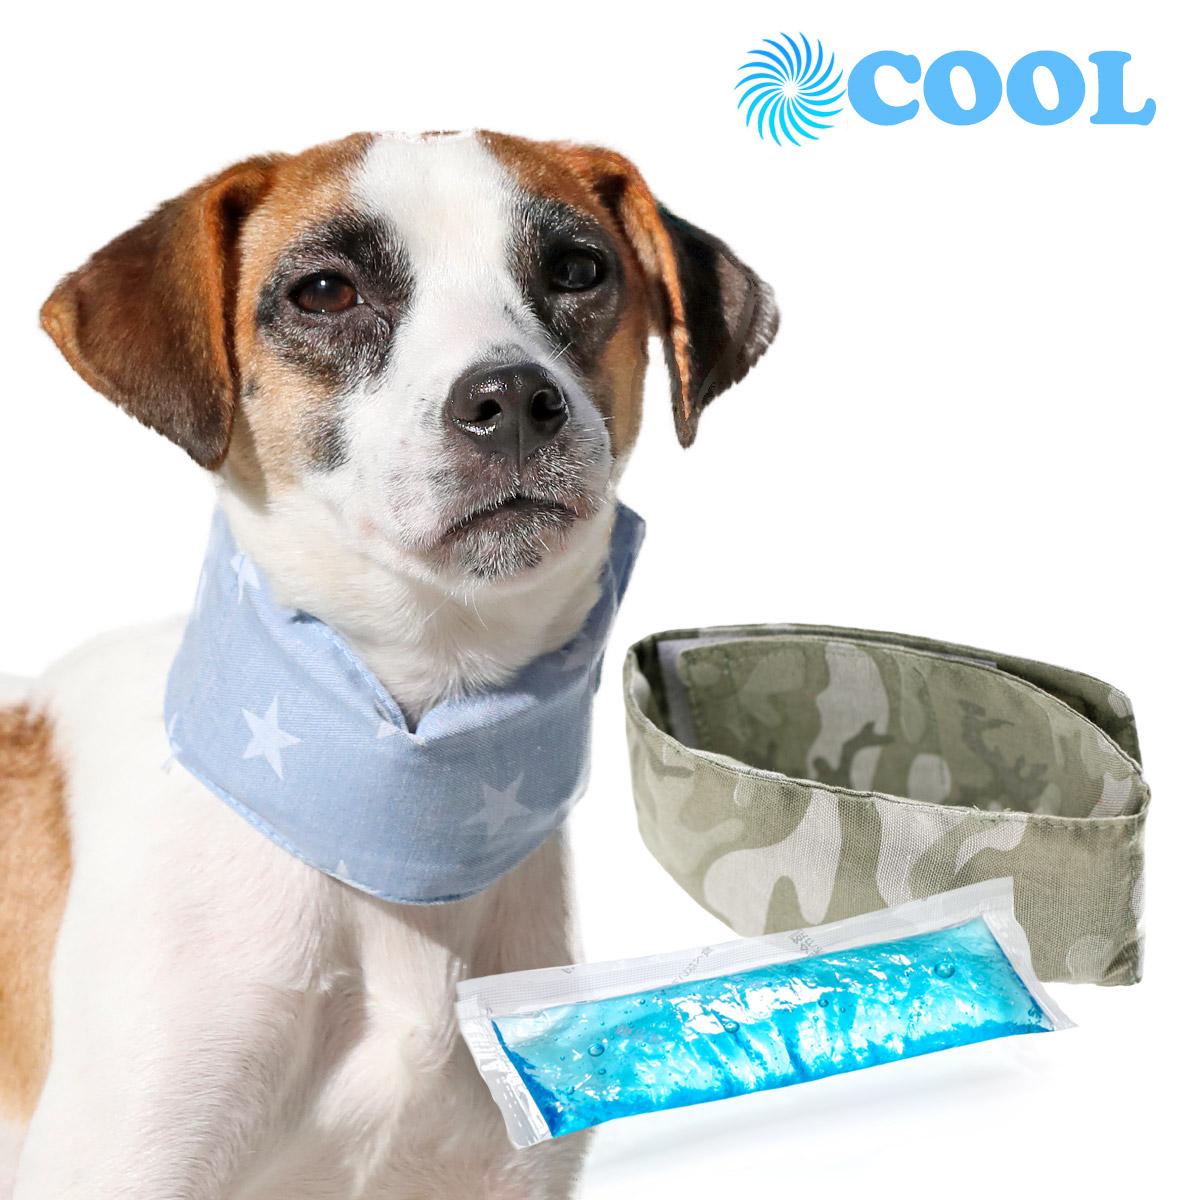 犬と生活 クールネックバンドスター・ミリタリー 凍らせても固くならない保冷剤付き